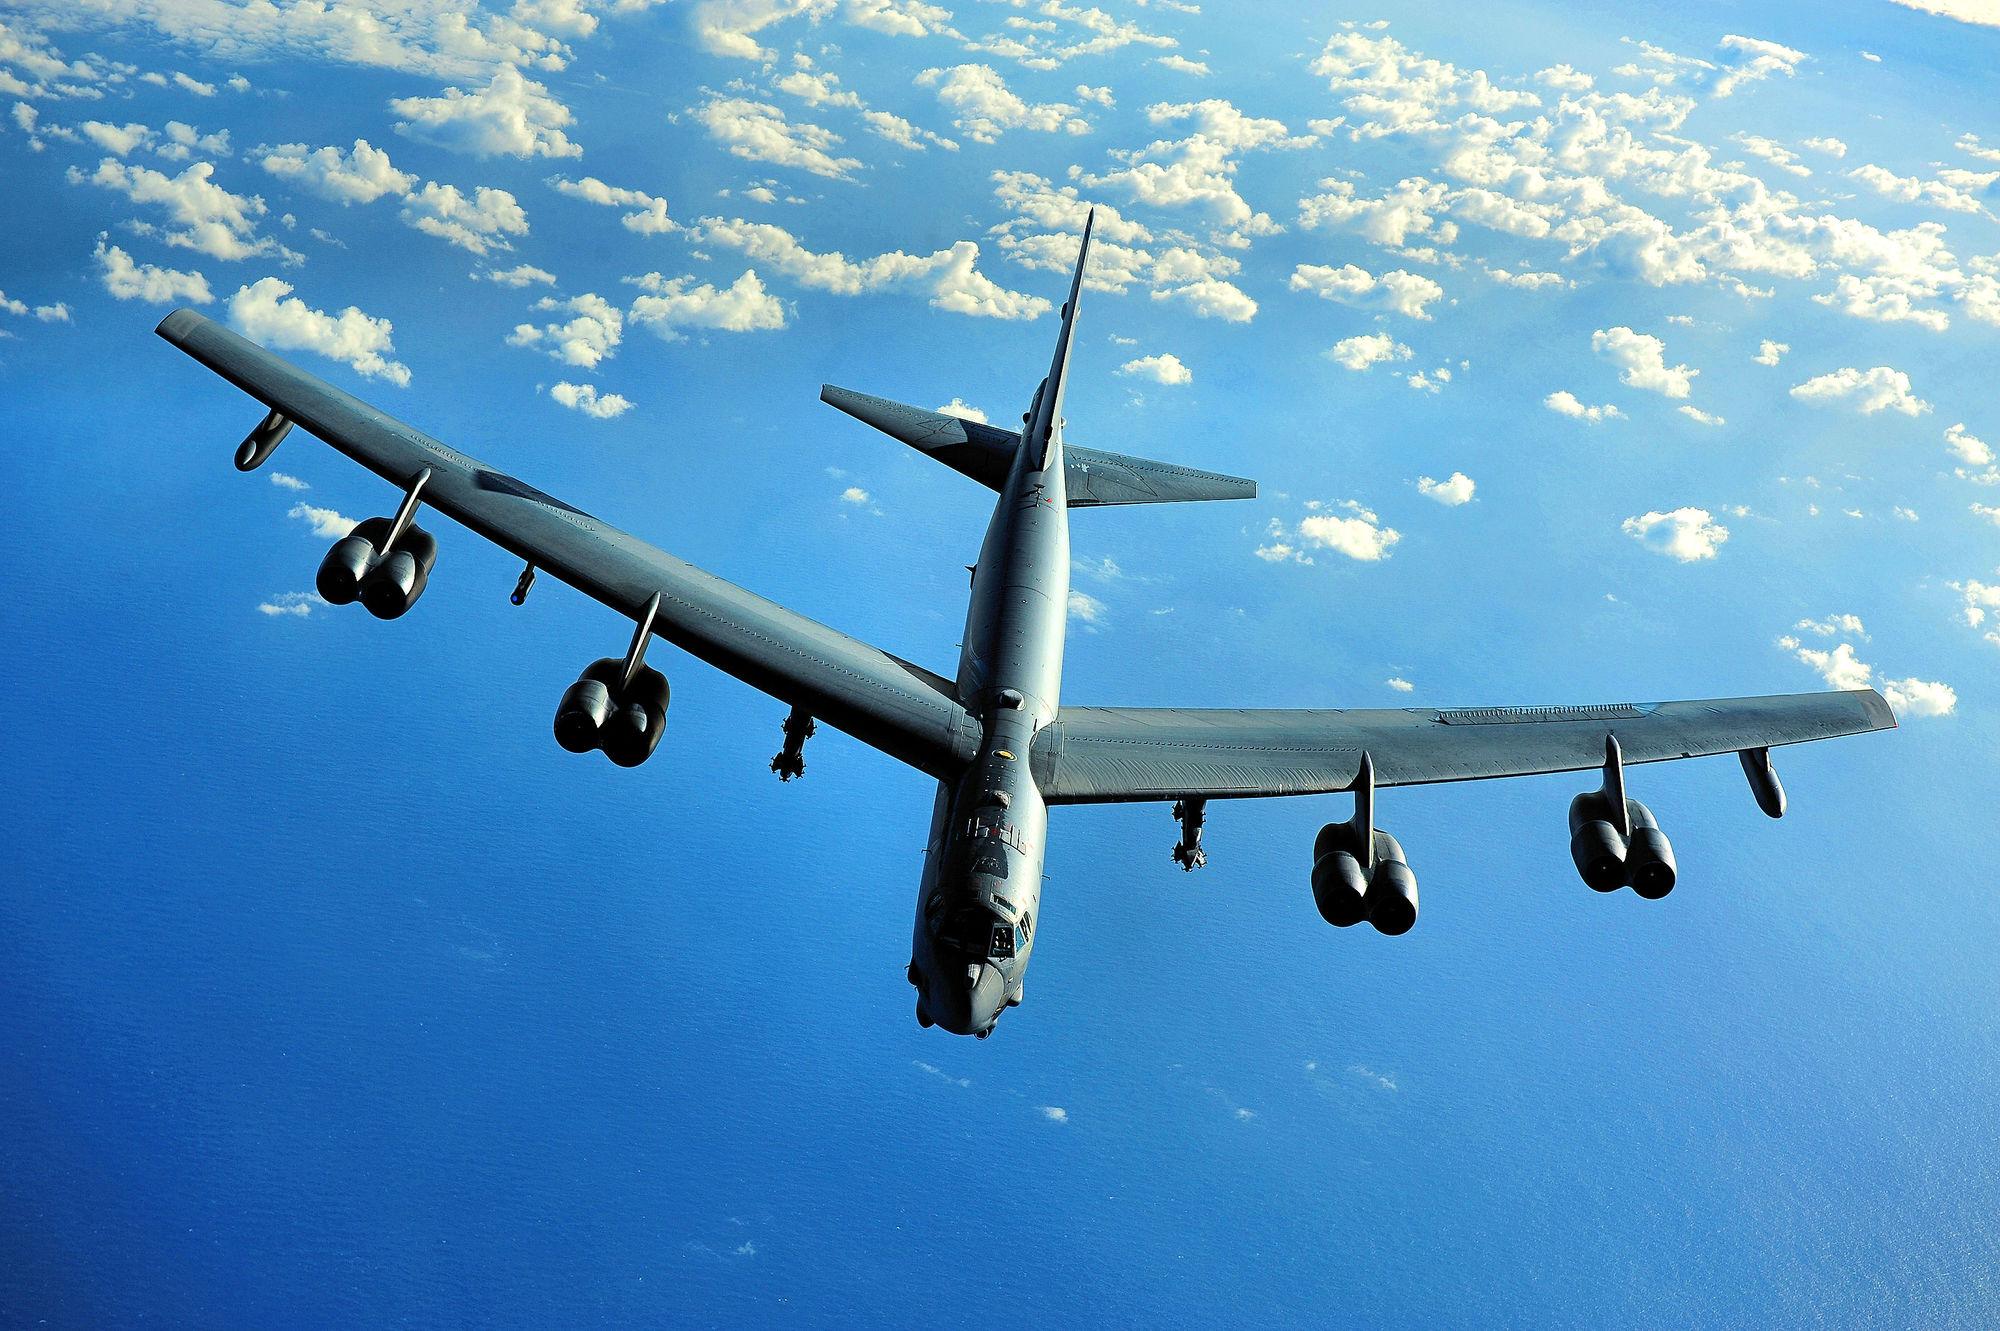 美军B-52轰炸机又到南海 被批口是心非言行不一